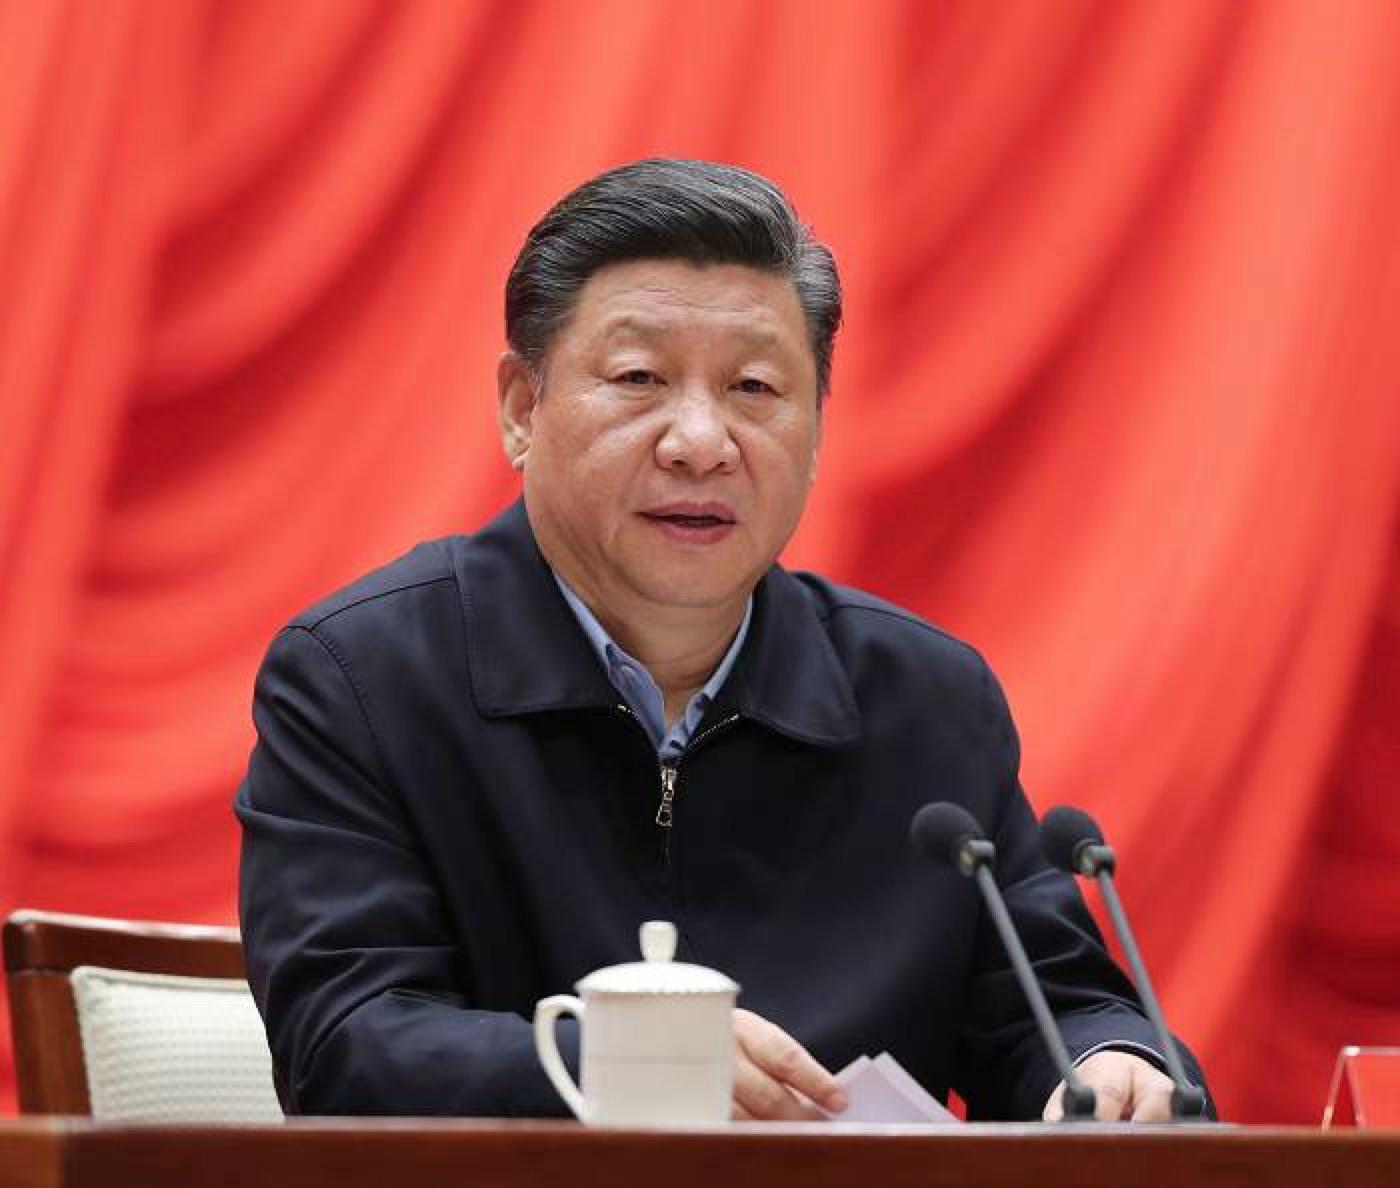 习近平:中国将以更开放的态度加强国际科技交流